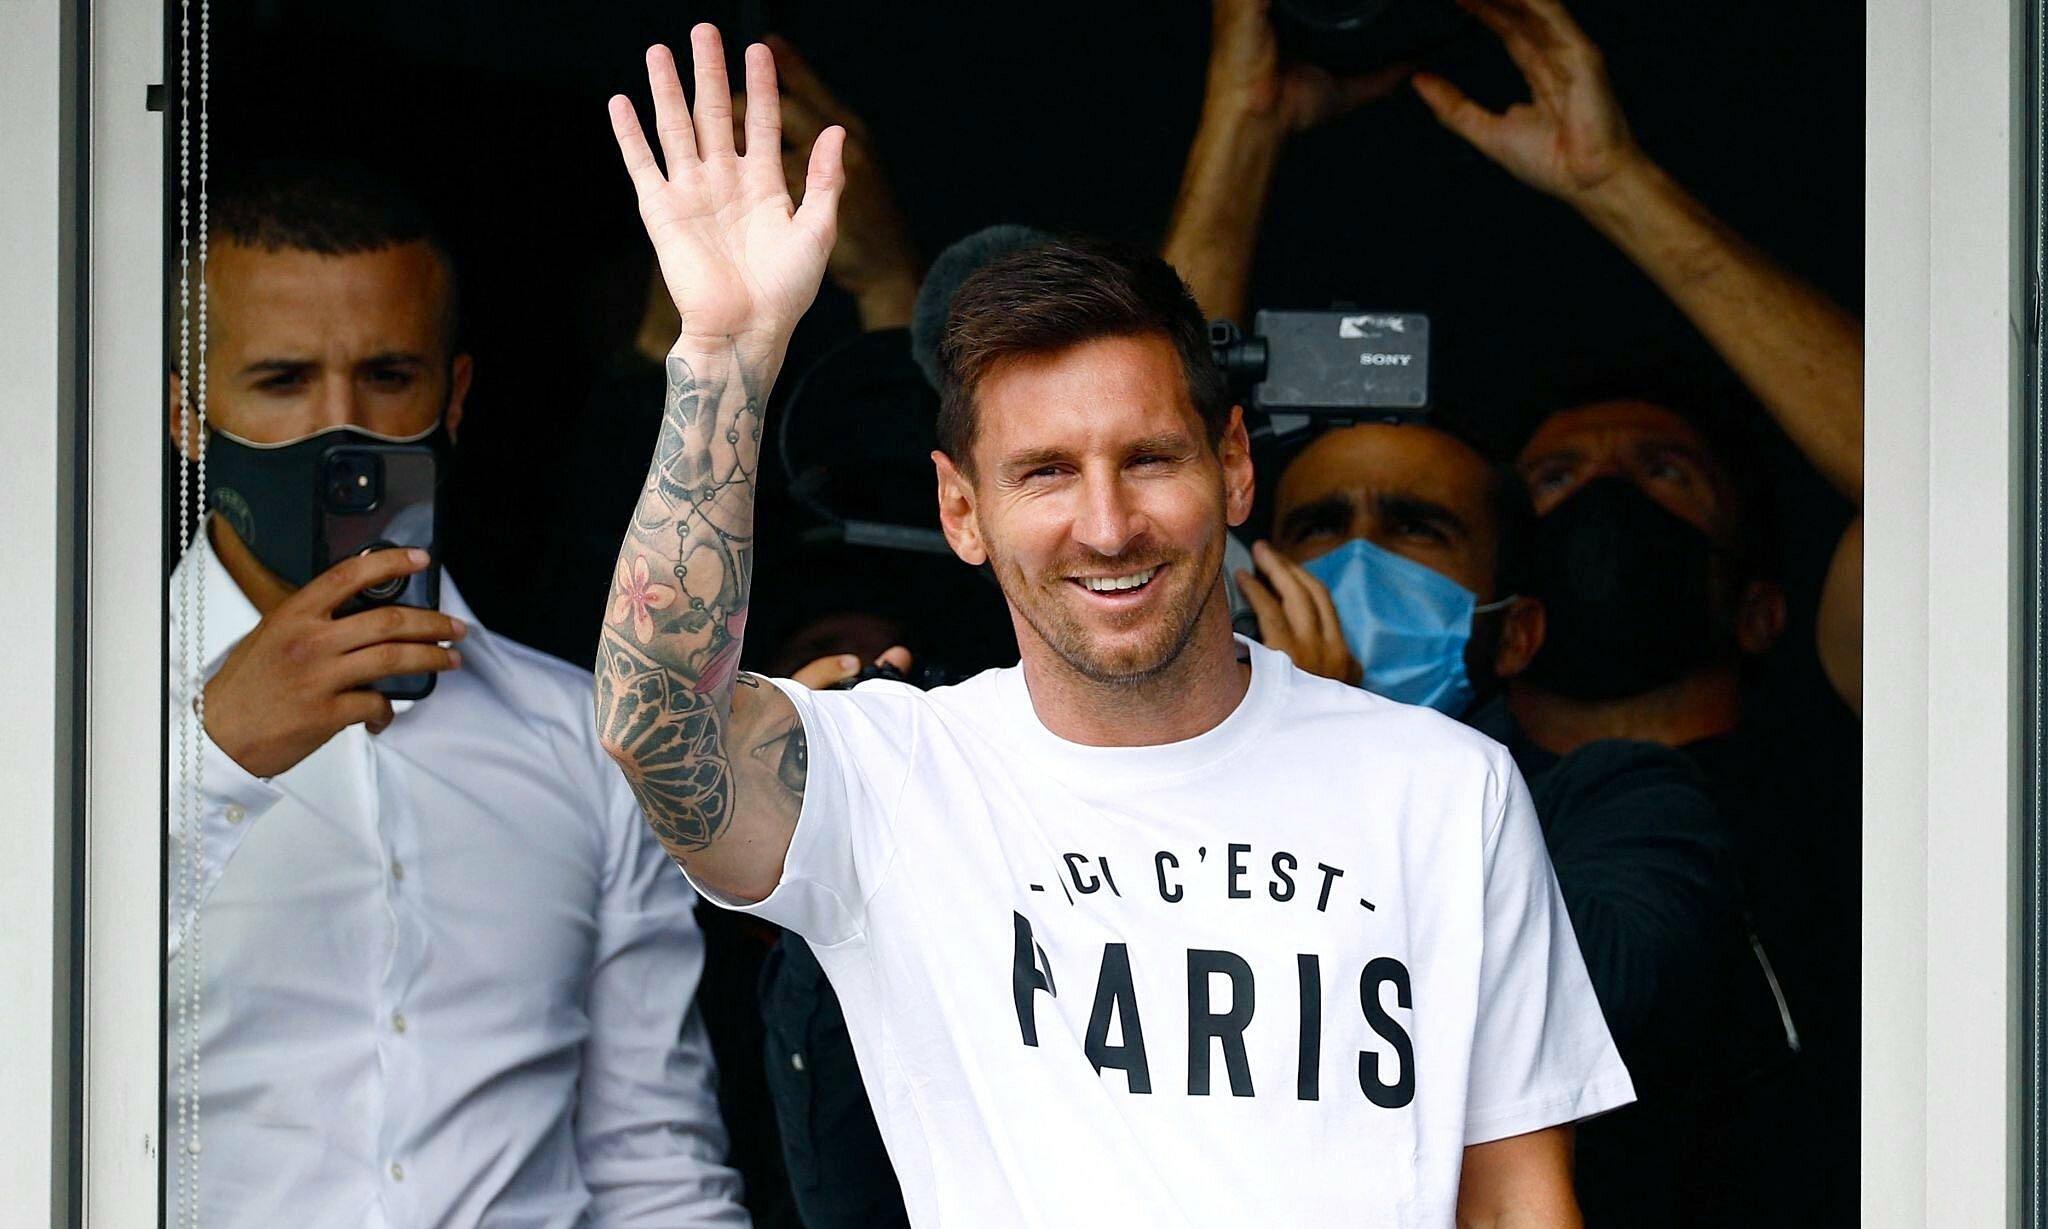 Messi โบกมือให้แฟน PSG จากสนามบิน Le Bourget  บนเสื้อของเขามีข้อความจารึกว่า ici çest Paris ซึ่งแปลว่า นี่คือปารีส  ภาพ: Twitter/Reshad Rahman